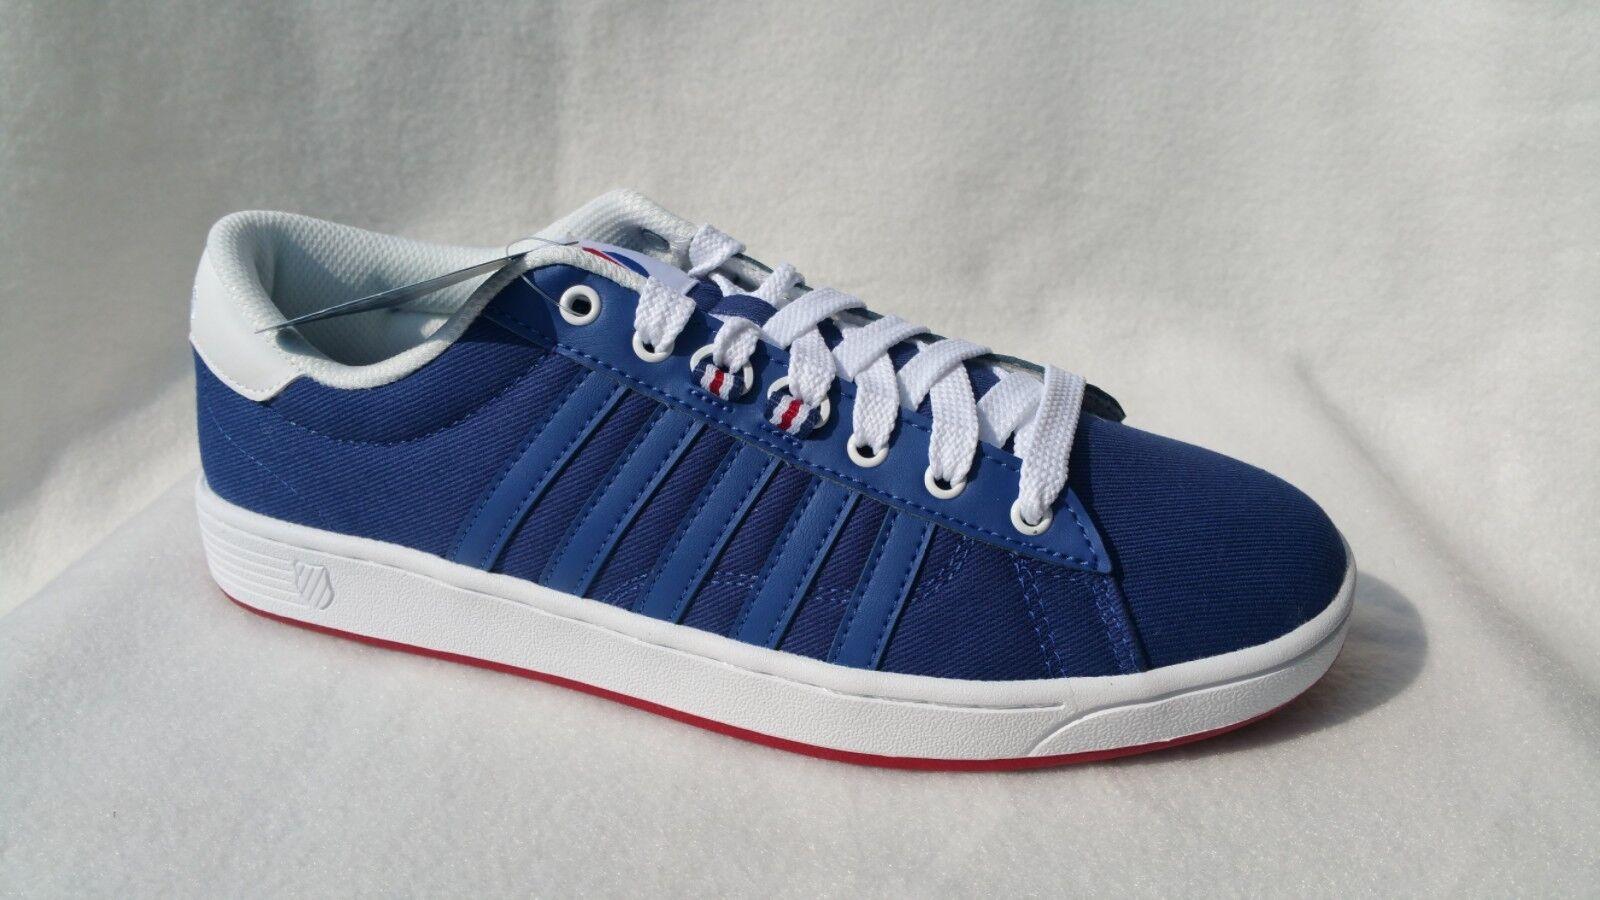 Sportschuhe / Sneaker K-Swiss Hoke T CMF aus Canvas mit Lederdetails 42 43 46